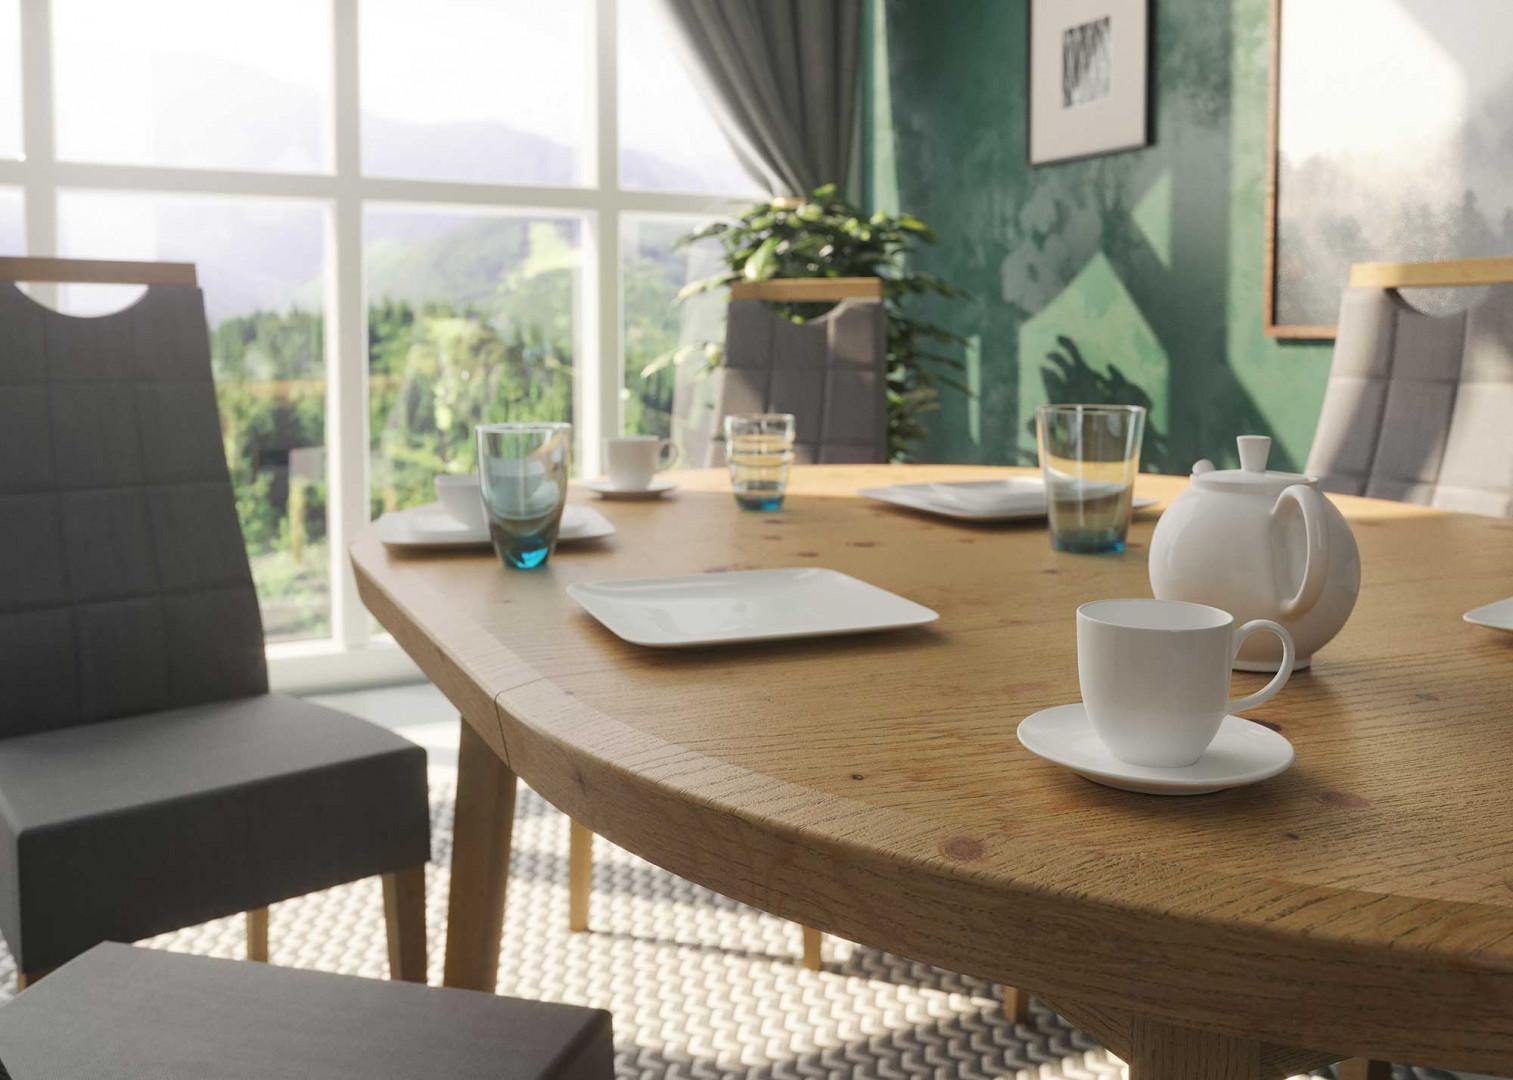 Stół Tondo i krzesła Arco firmy Paged. Fot. Paged